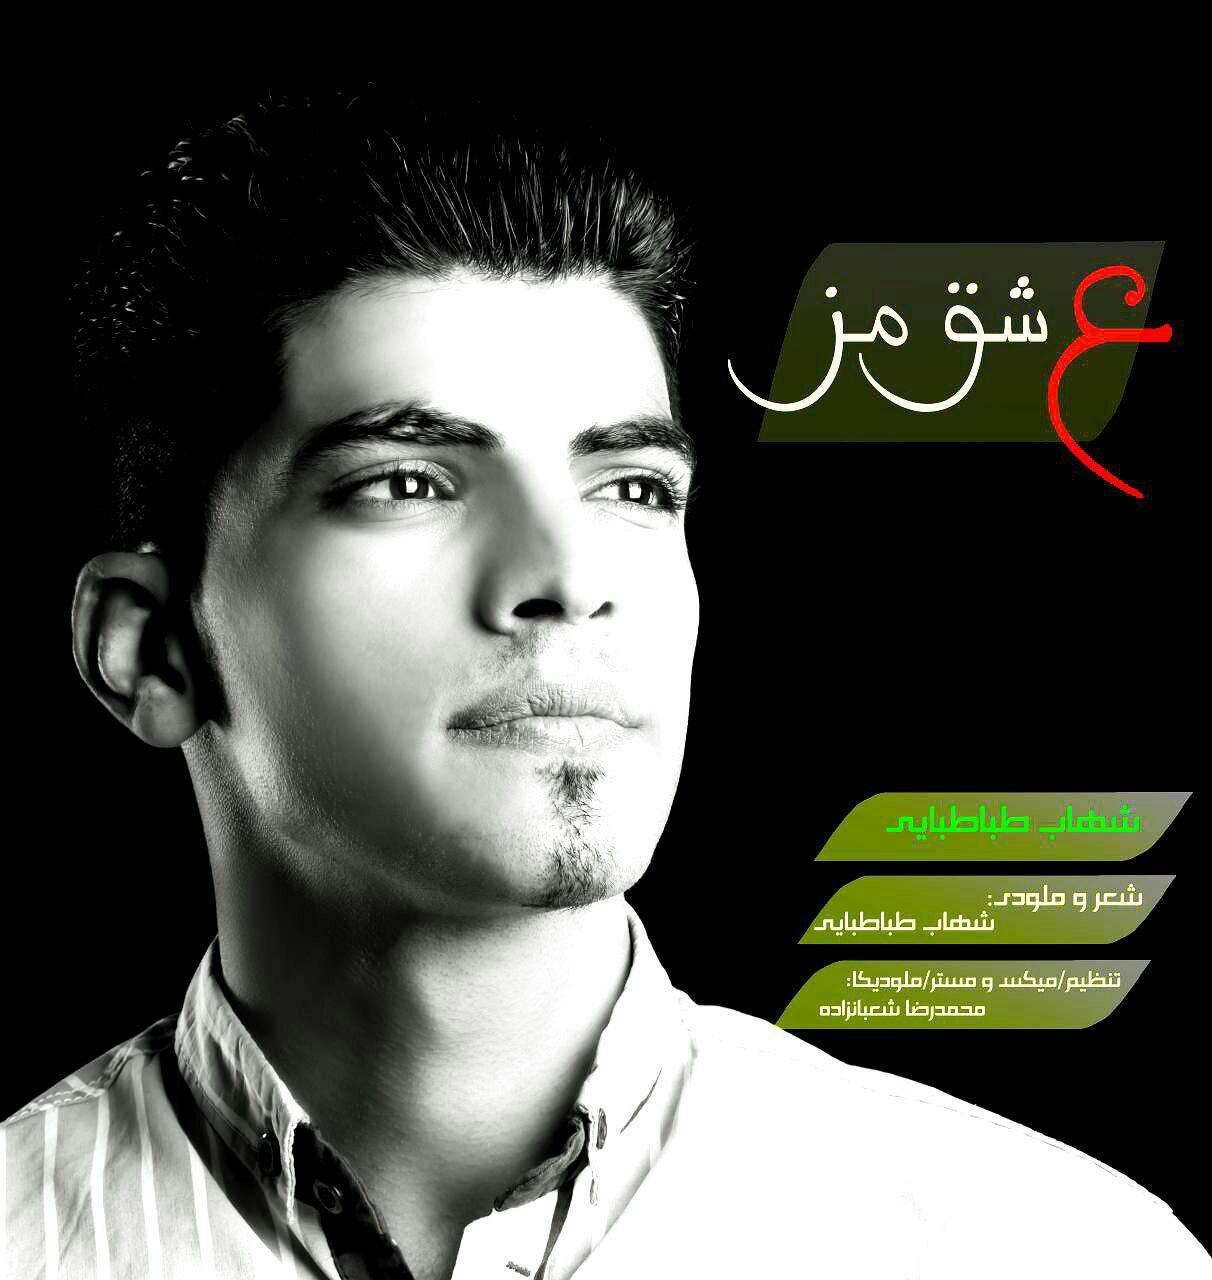 Shahab%20Tabatabaei%20-%20Eshgh%20Man دانلود آهنگ جدید شهاب طباطبایی به نام عشق من